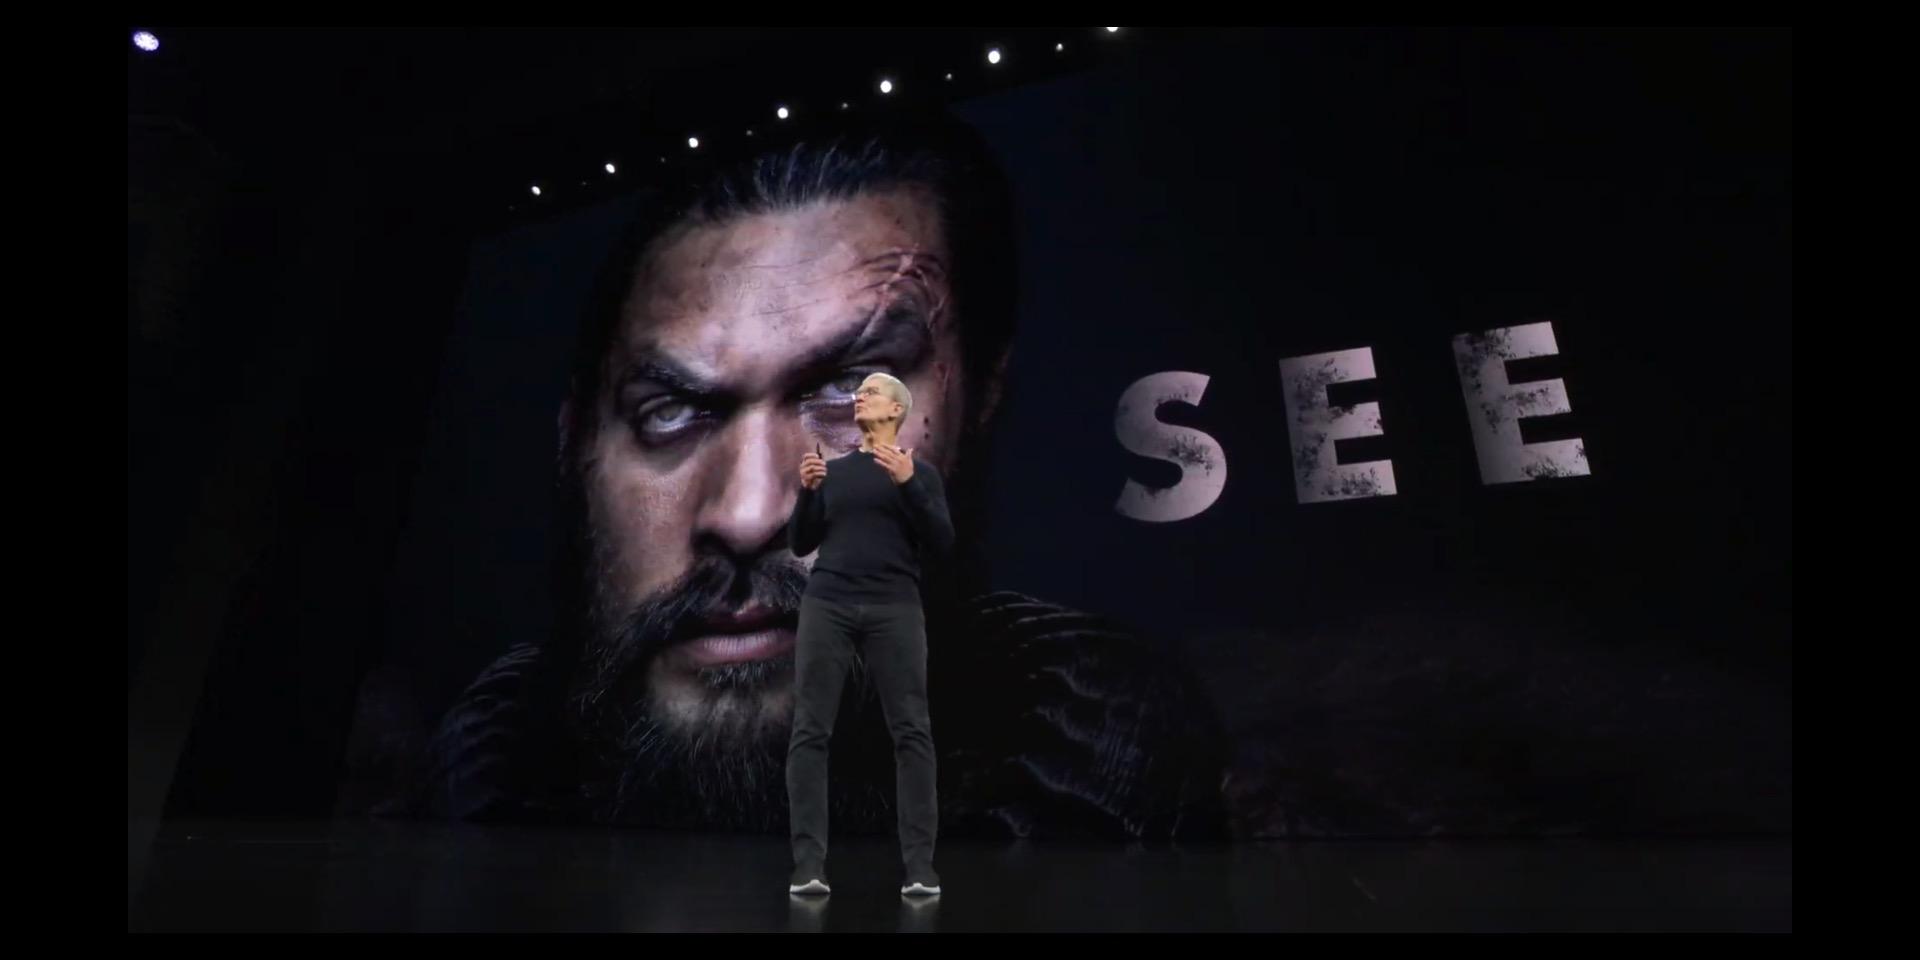 Apple shares trailer for Apple TV+ show 'See' starring Jason Momoa